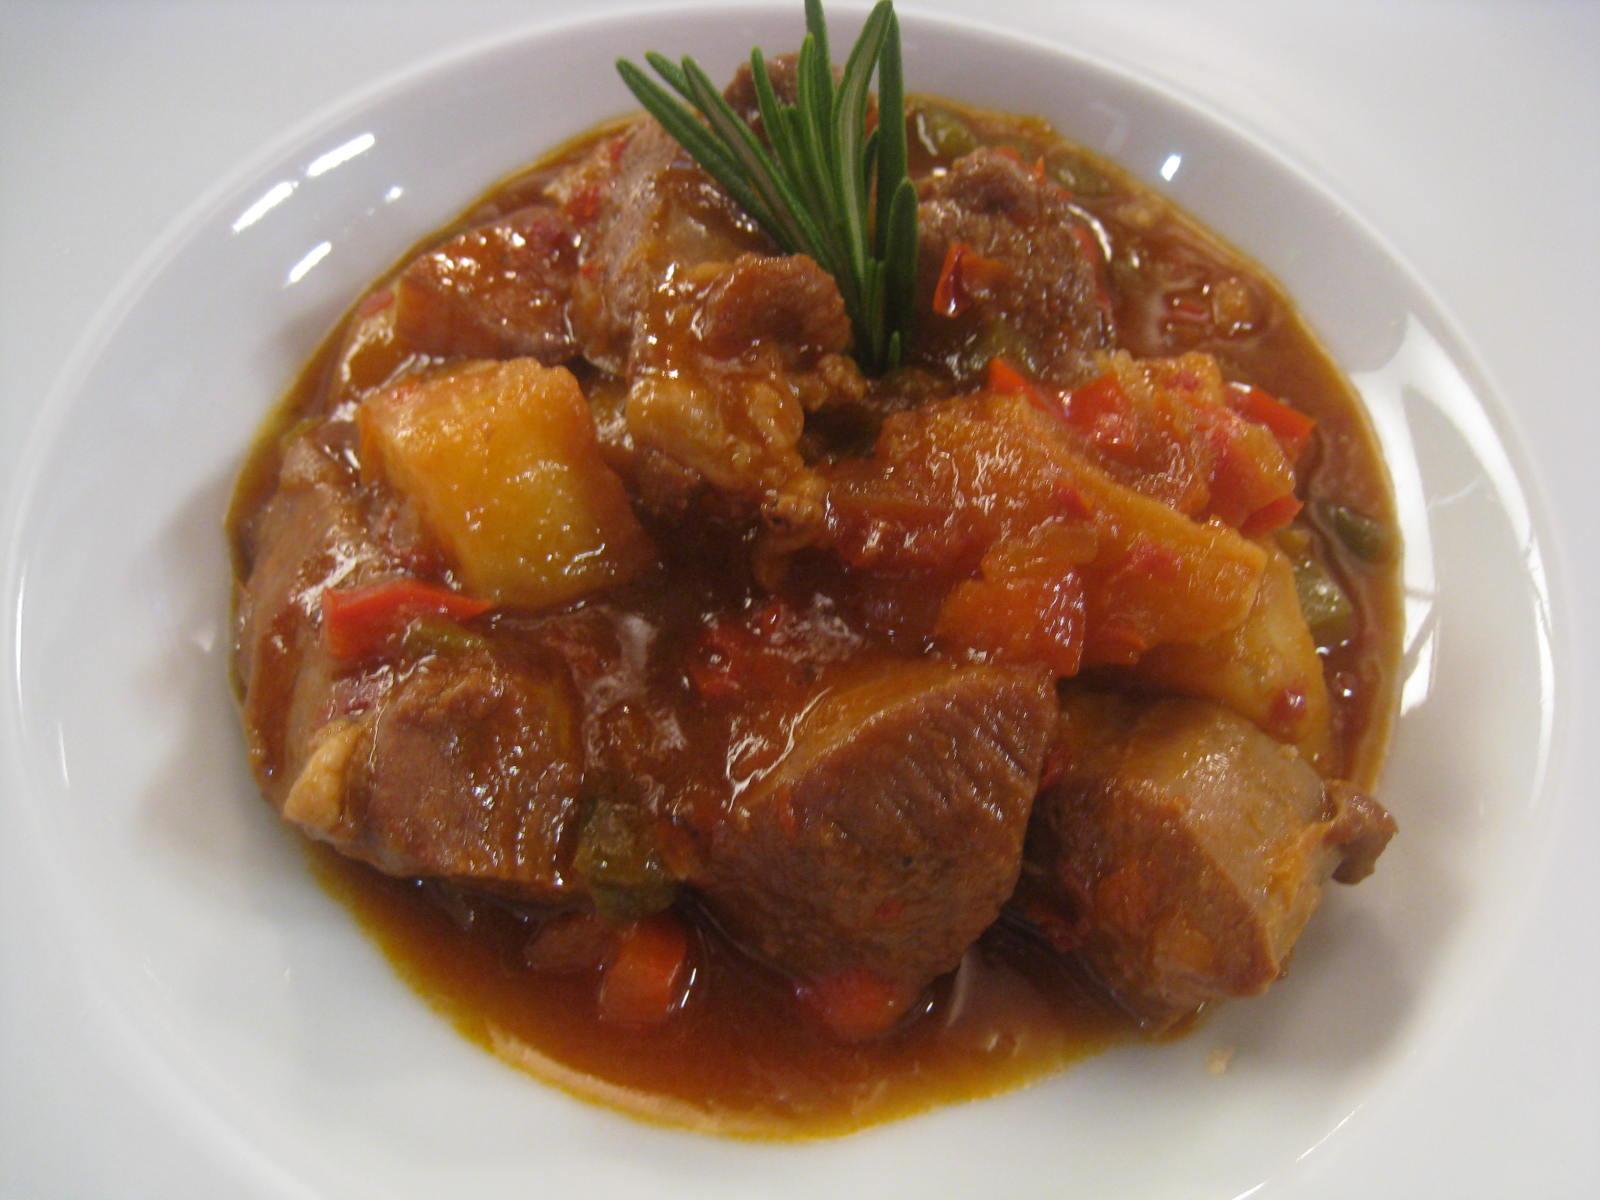 C metelo prepara caldereta de cordero con patatas en homenaje a trigueros la voz de trigueros - La cocina de cometelo ...